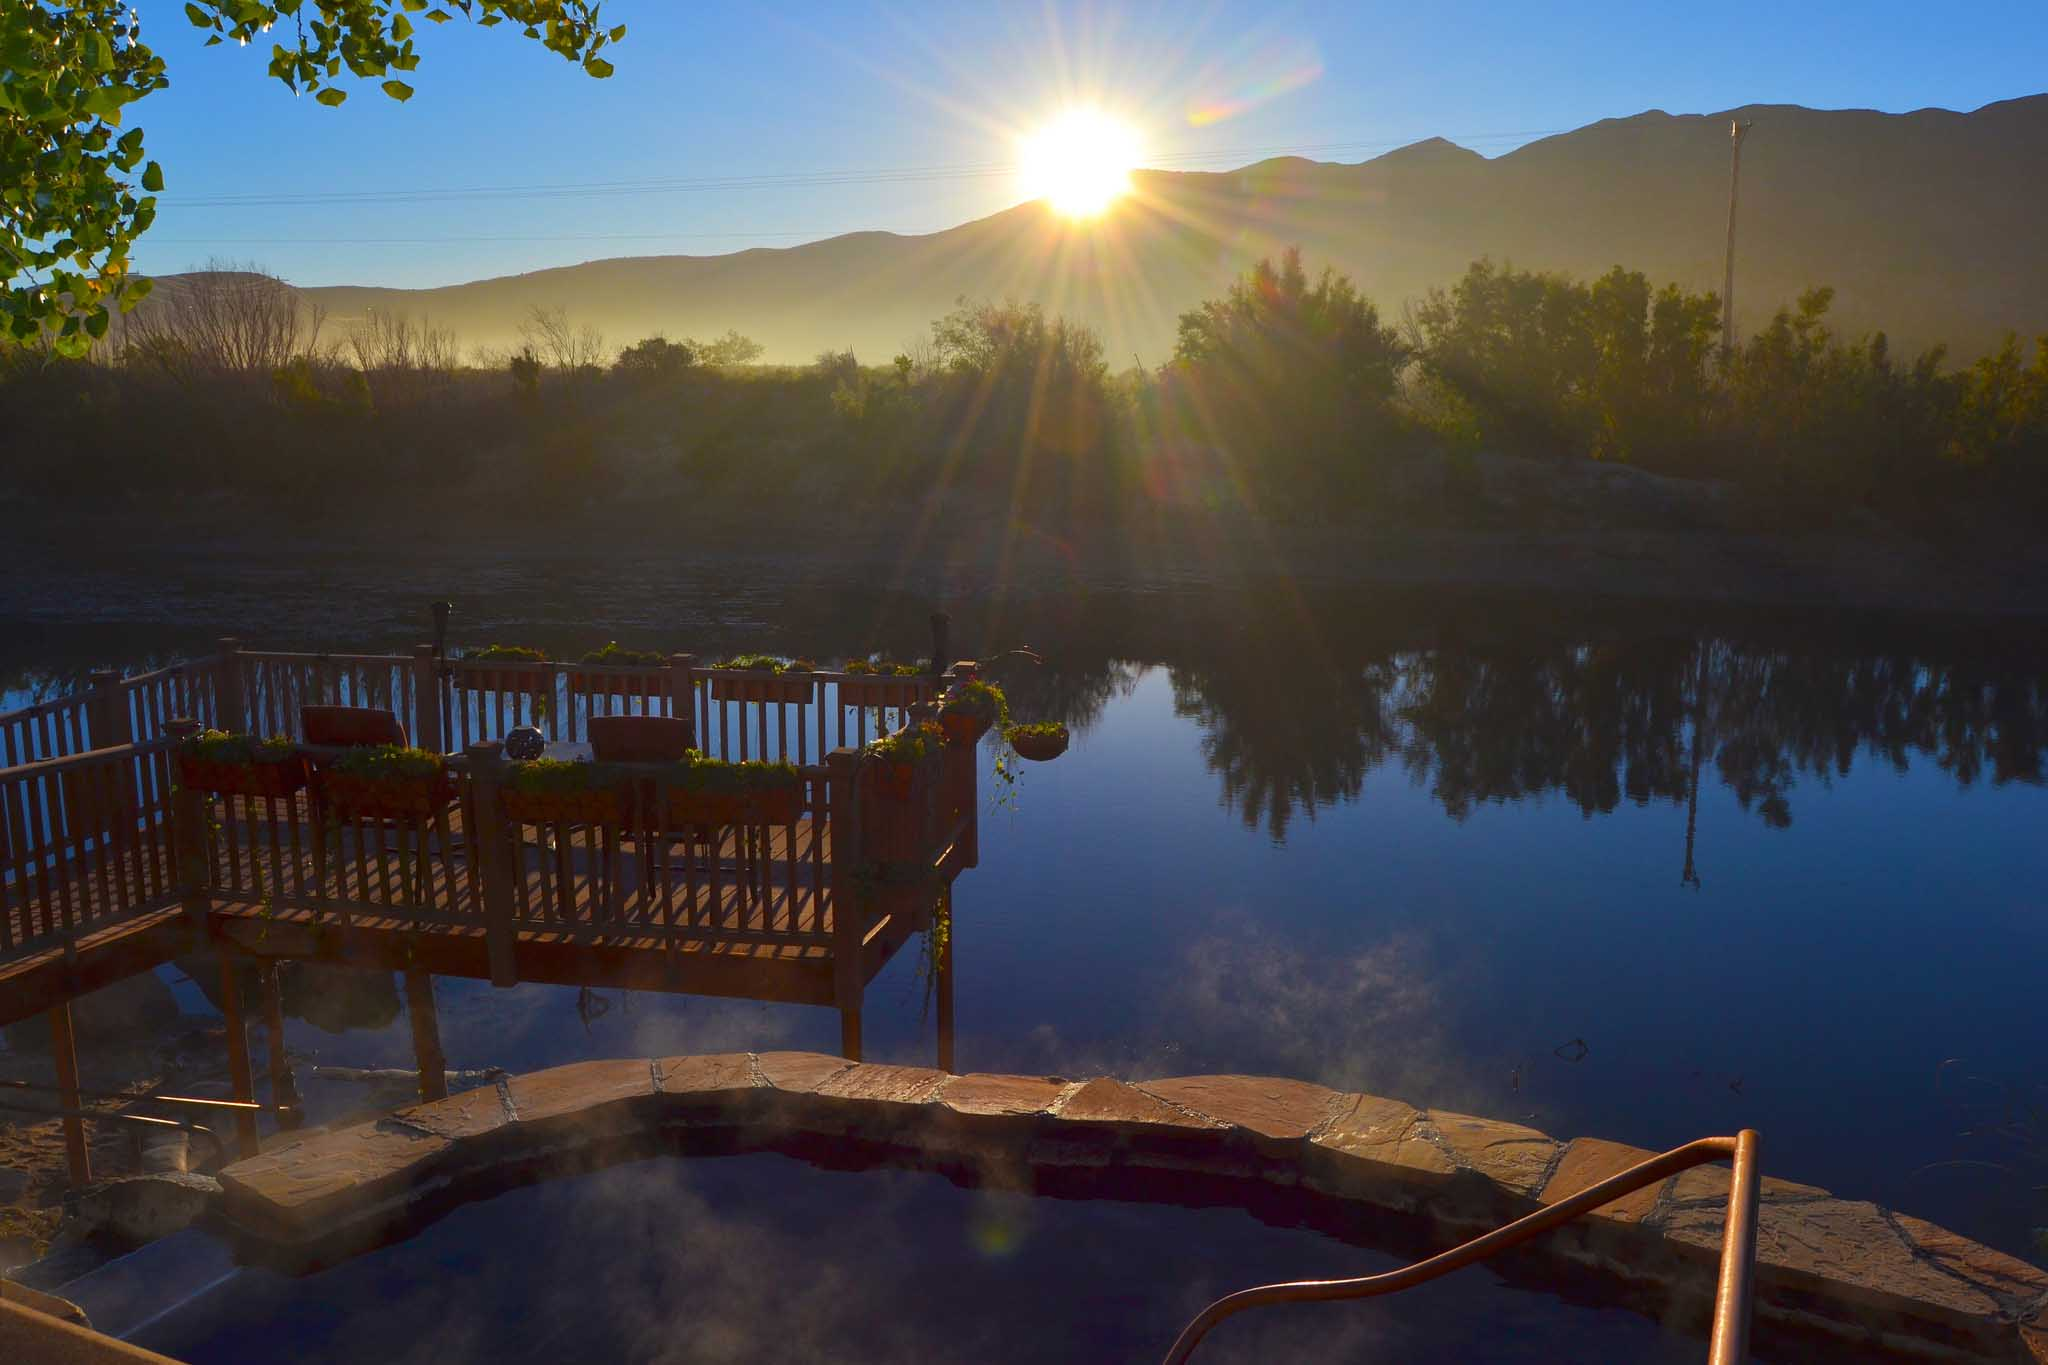 Quên đi sự đời tại 10 suối nước nóng bình yên, đẹp tuyệt trần - 4